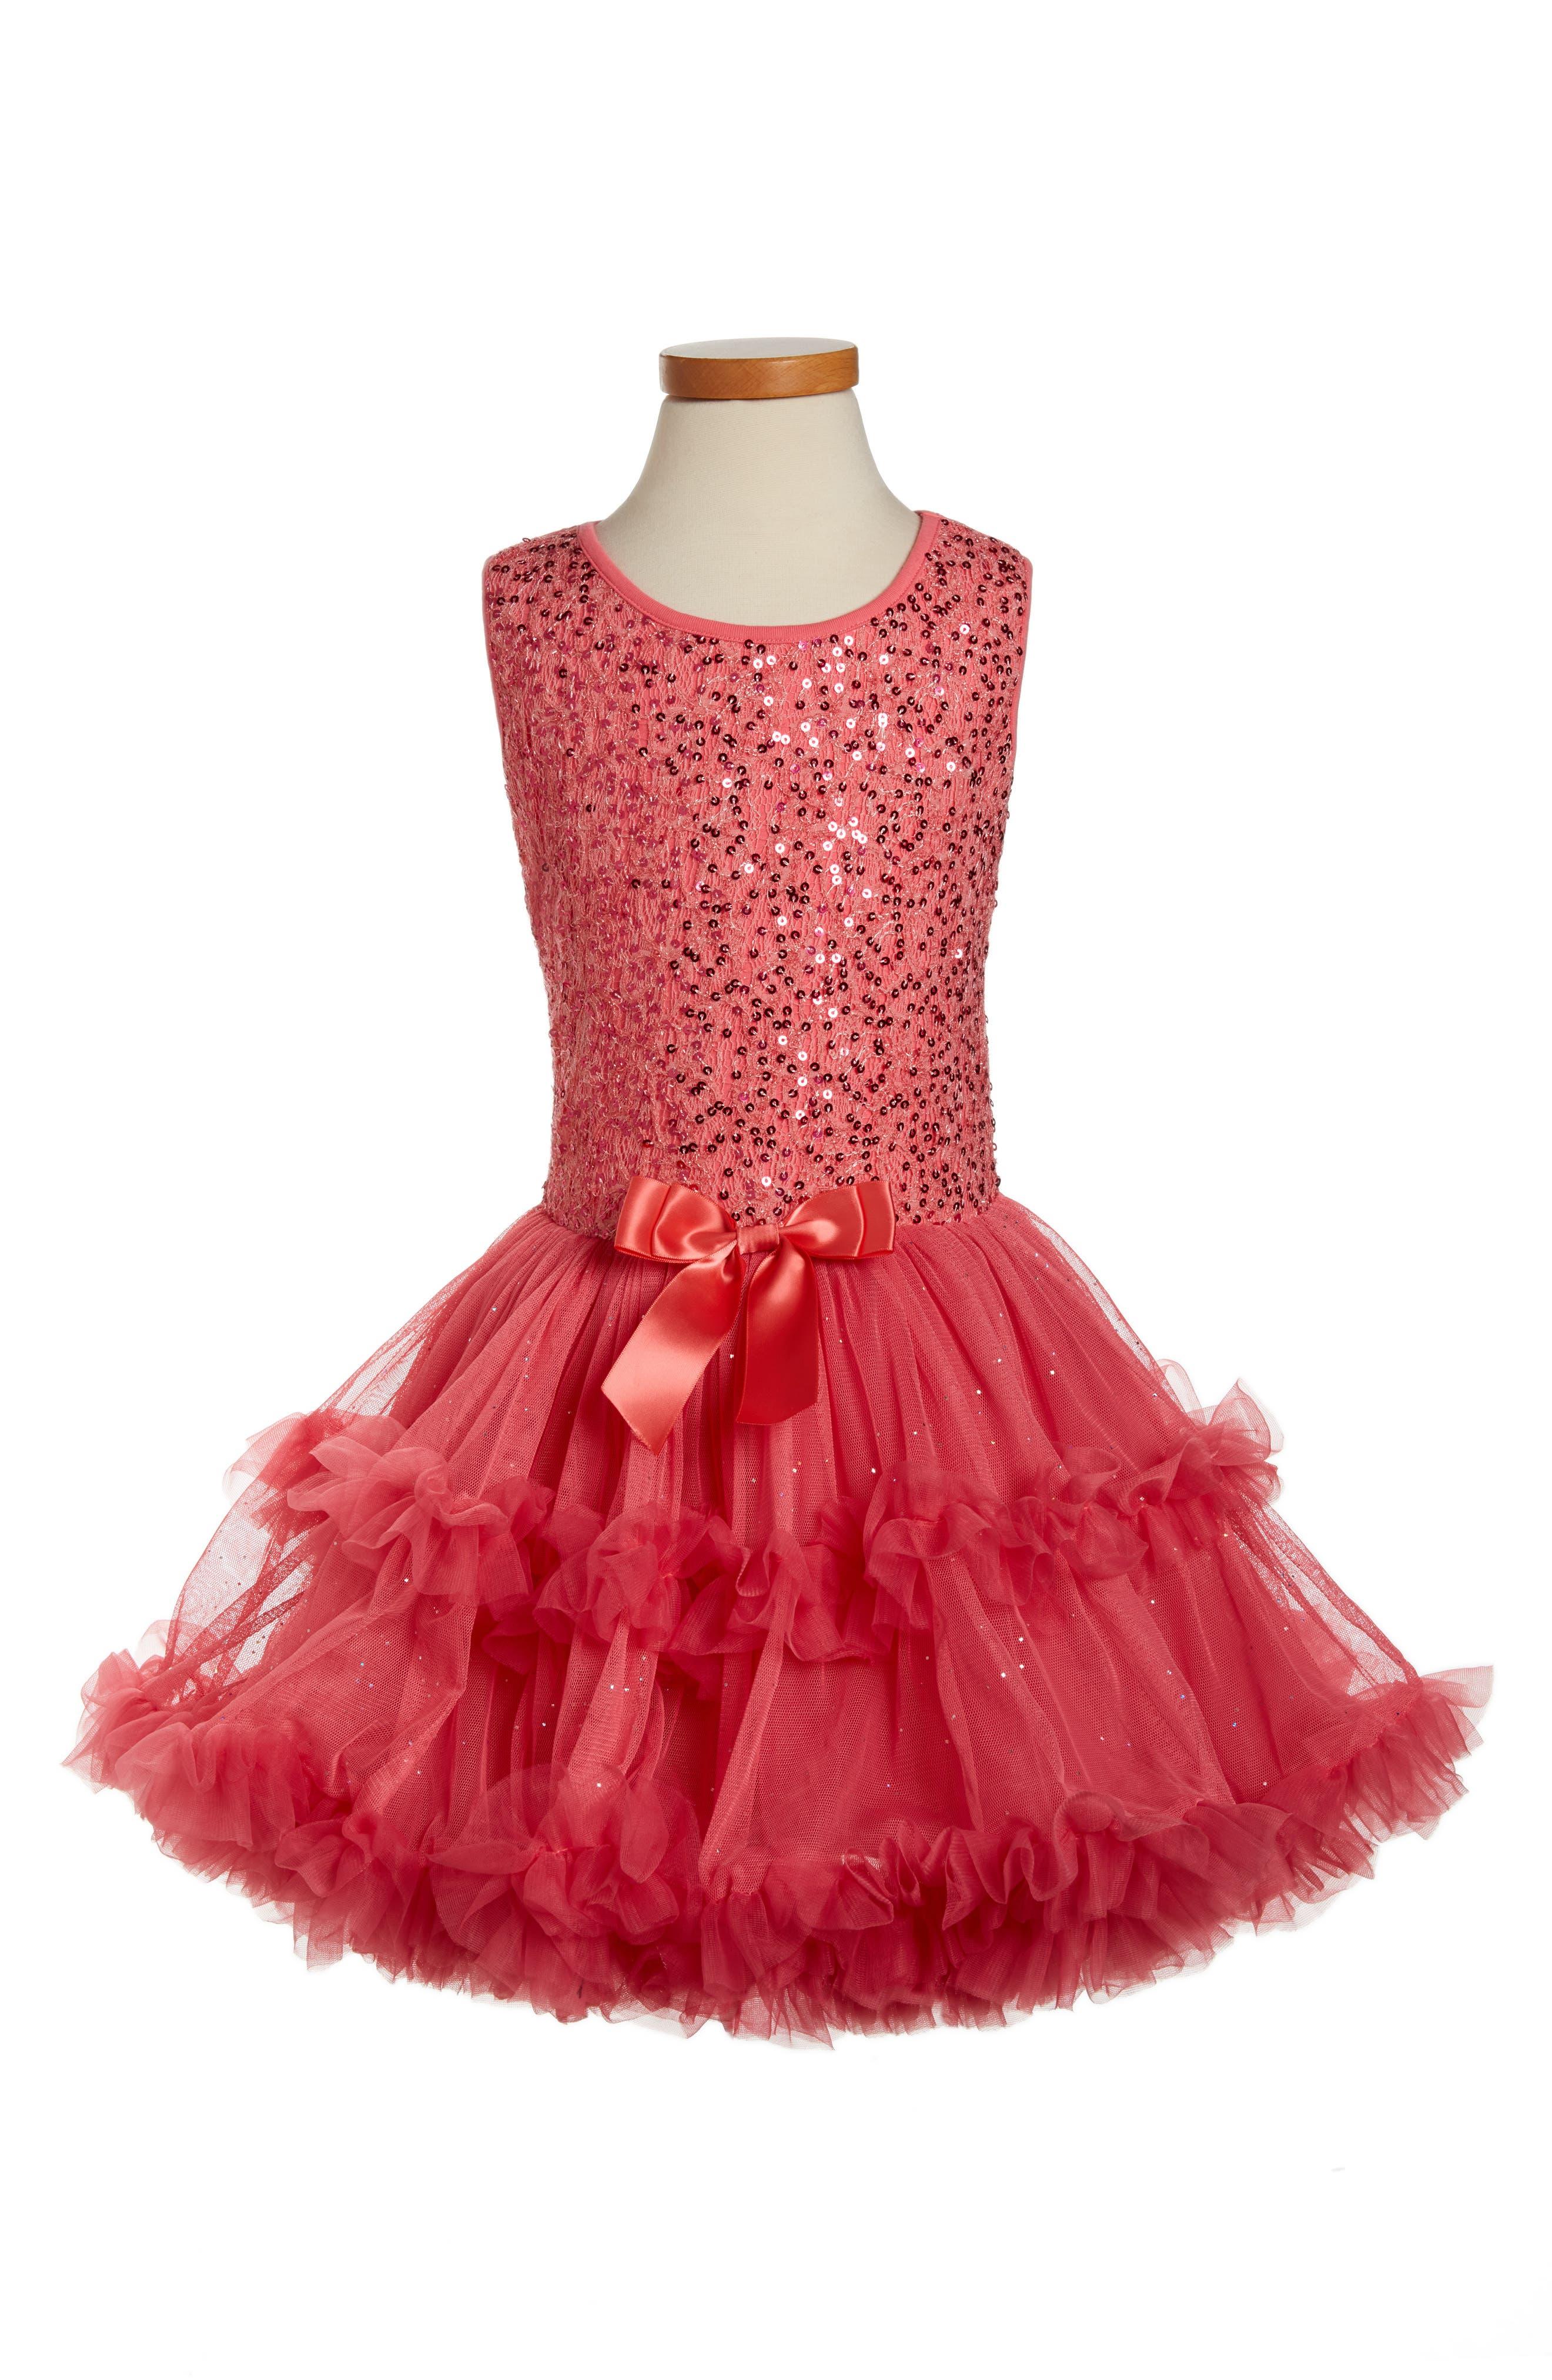 Alternate Image 1 Selected - Popatu Sequin Sleeveless Dress (Toddler Girls & Little Girls)